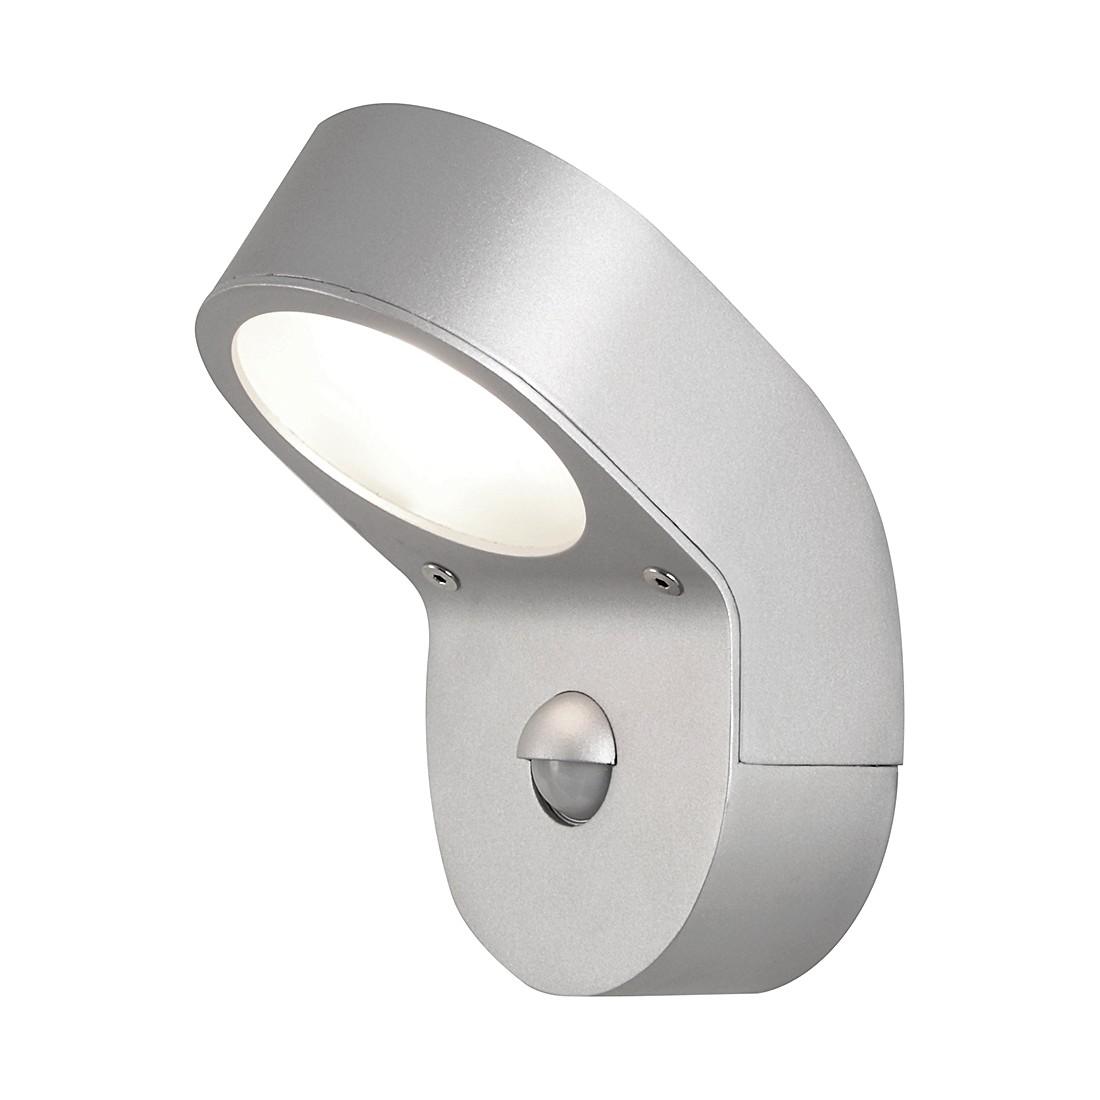 EEK C, Außenleuchte Soprano PIR – Silber – 1-flammig, Astro jetzt kaufen